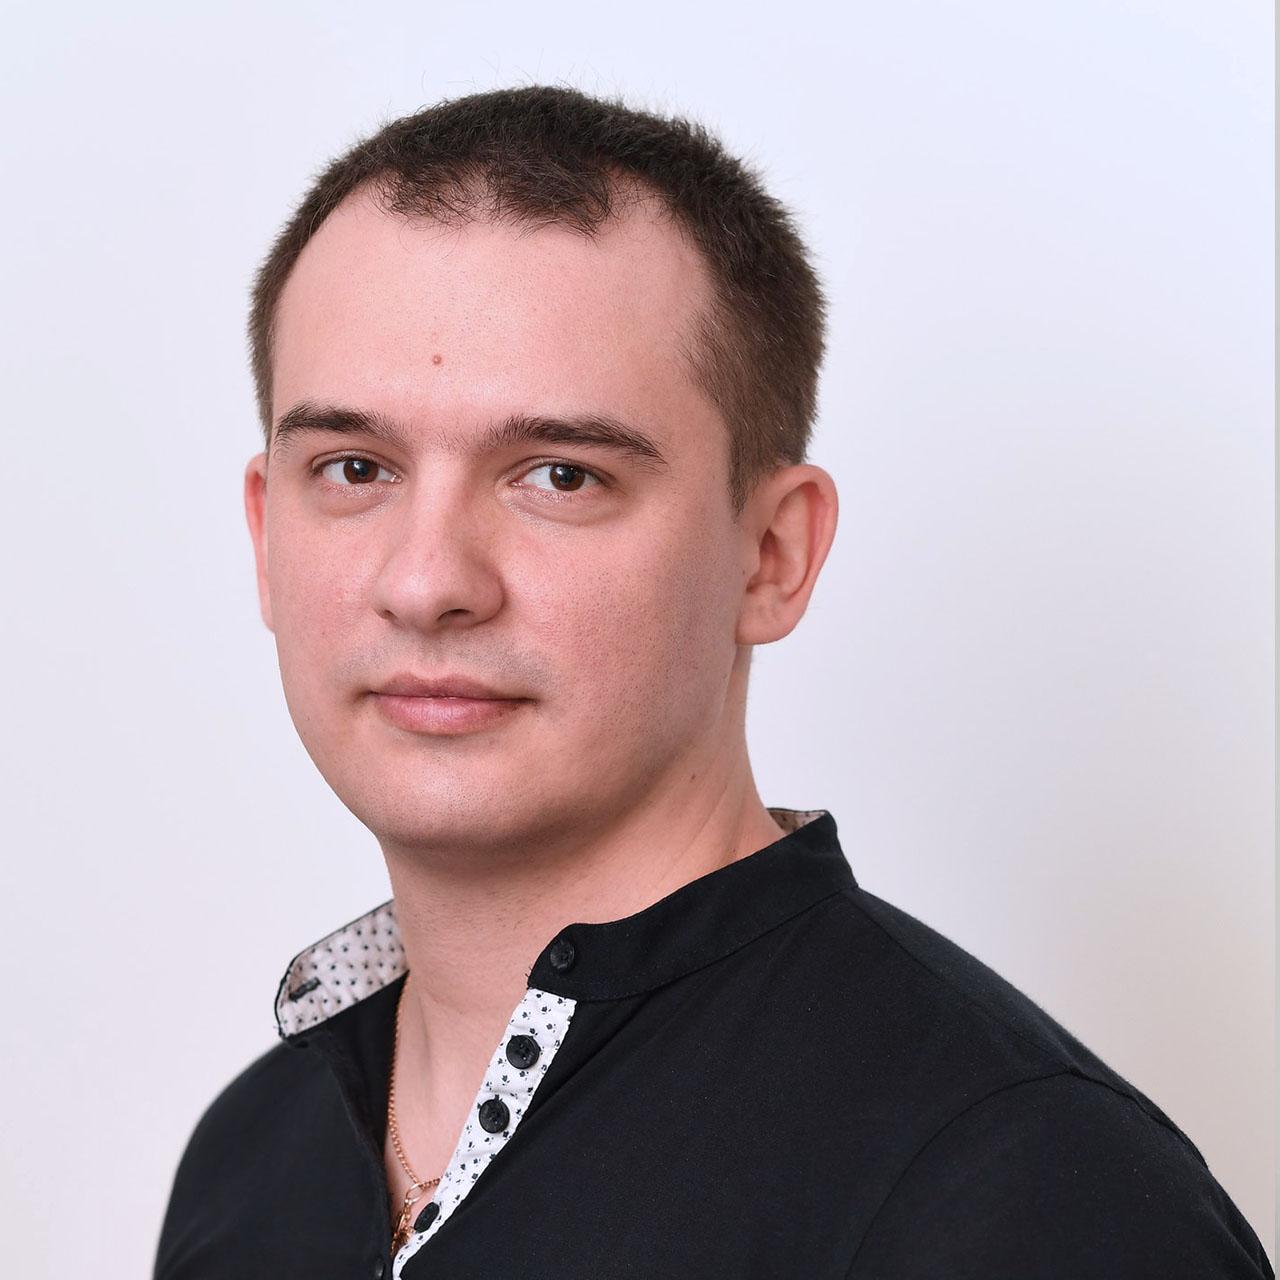 web developer programmer